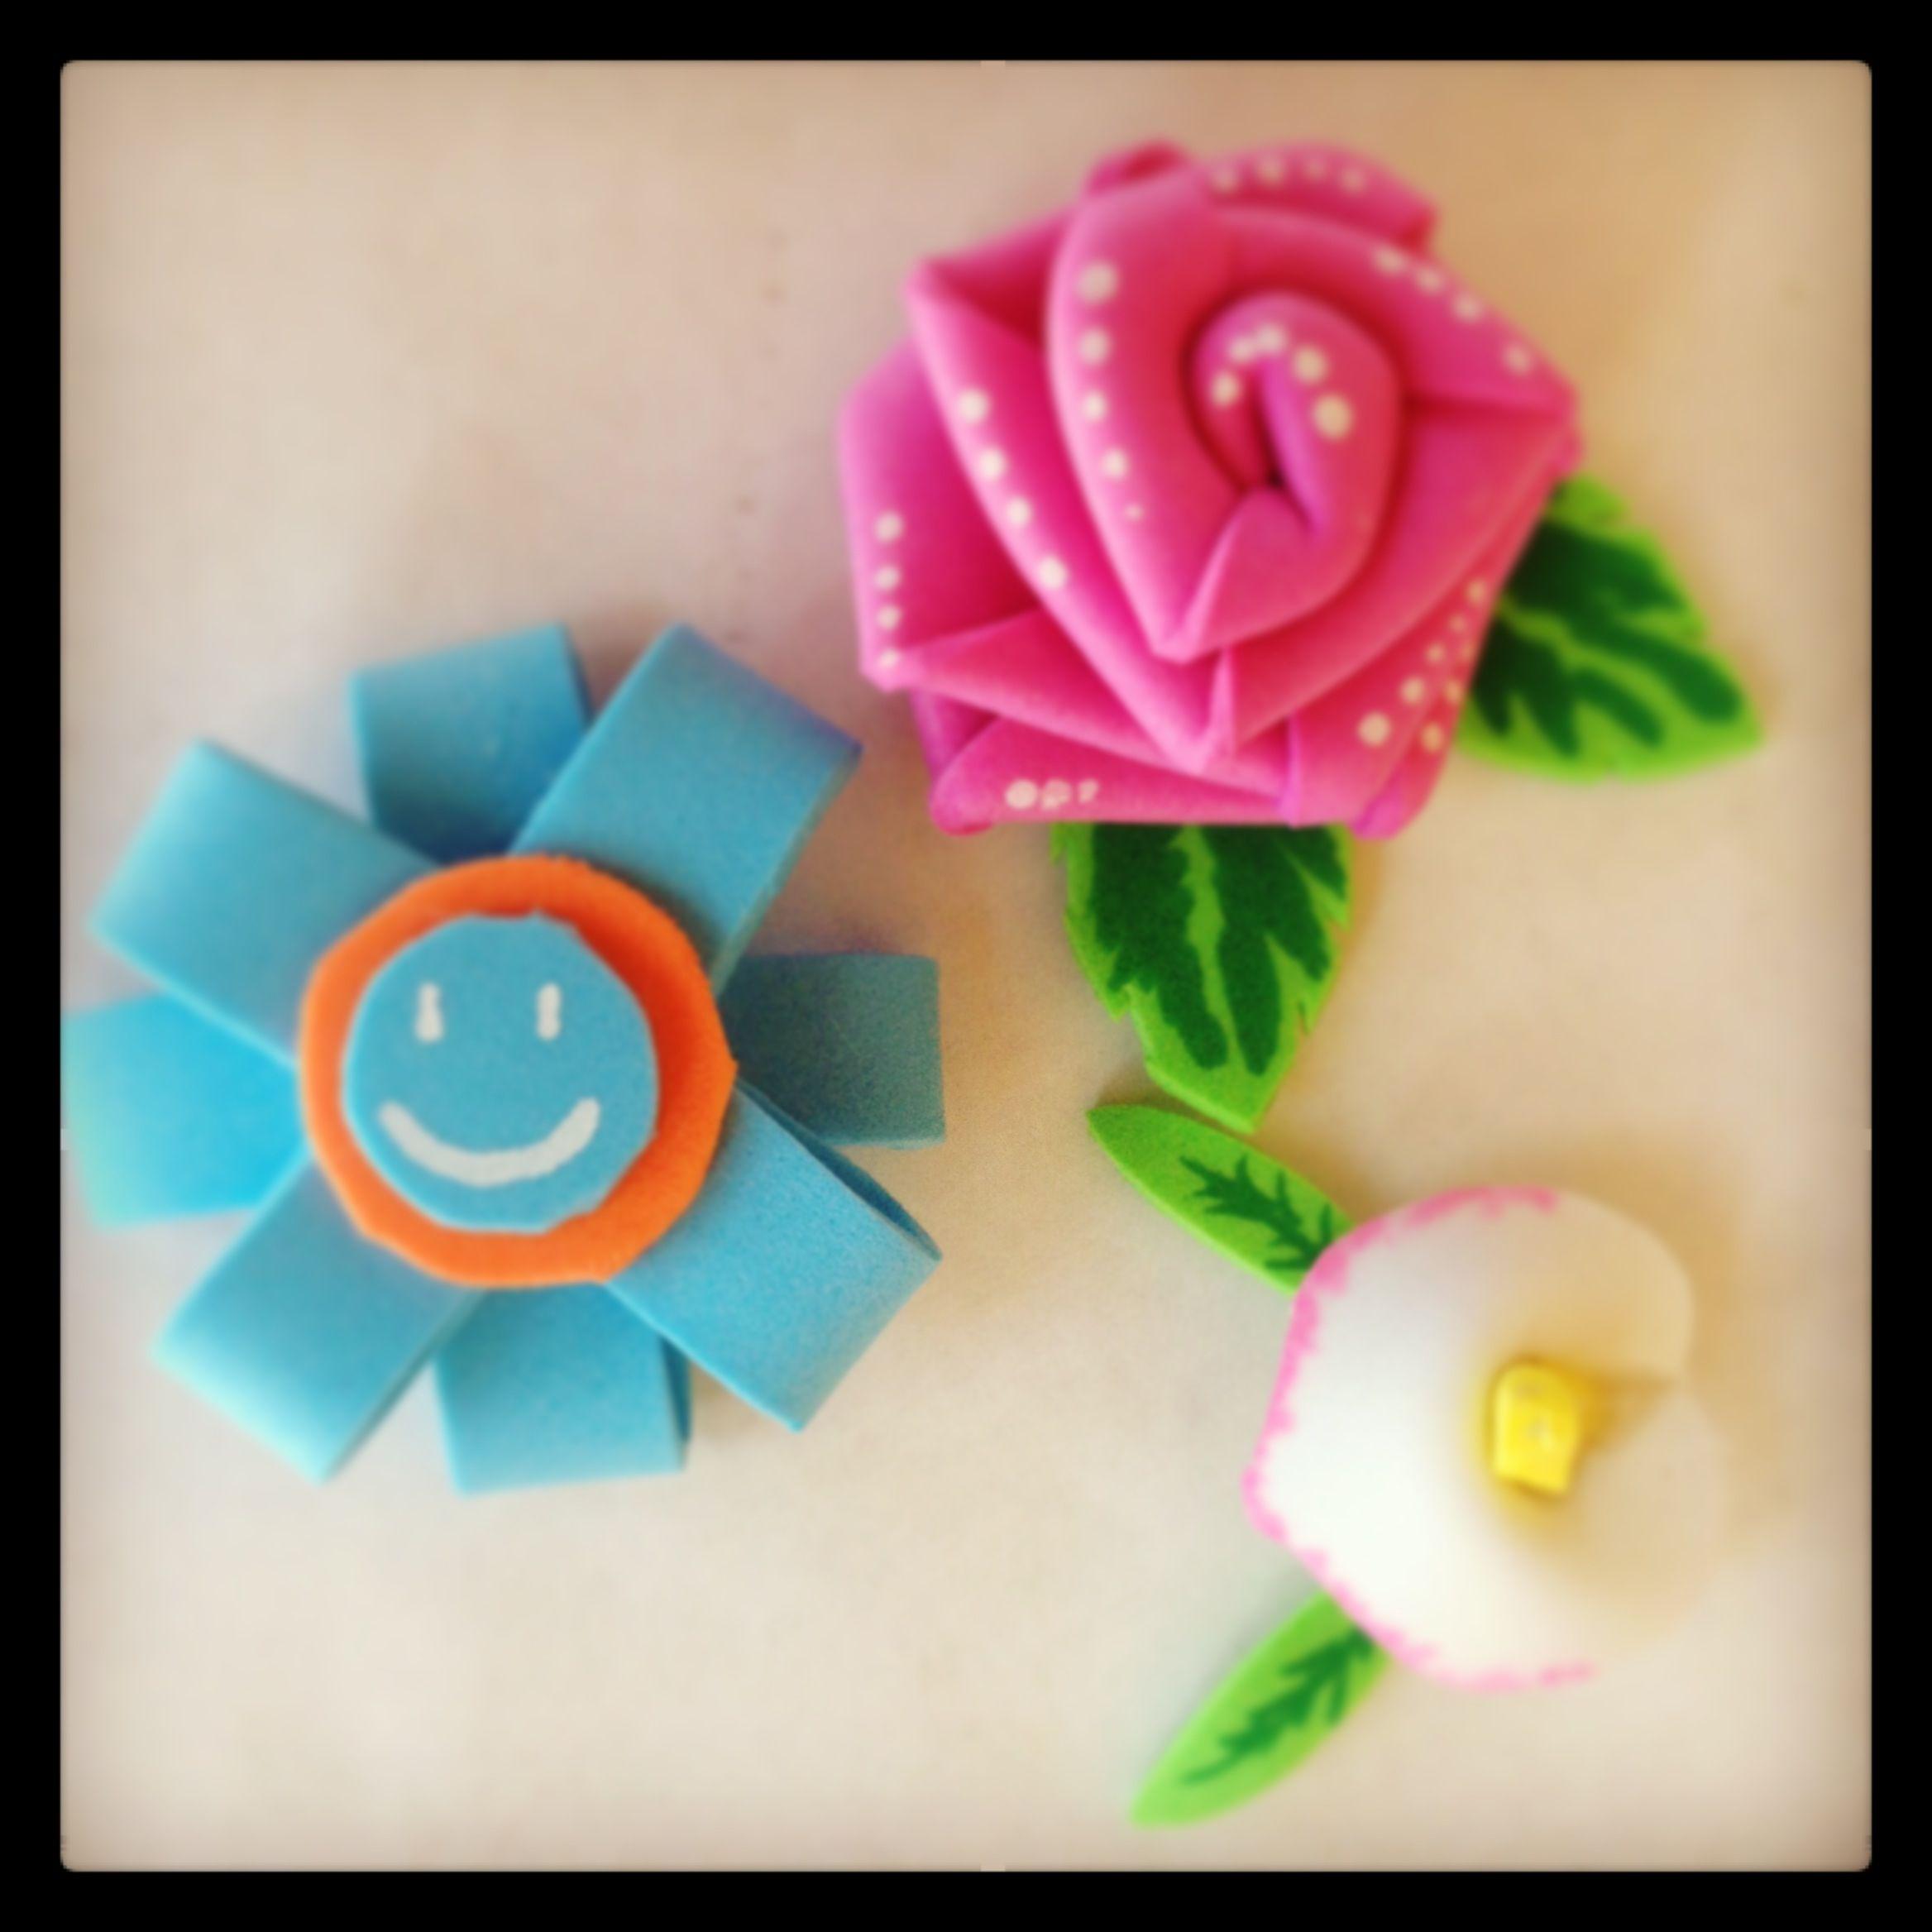 Flores con goma eva o foamy flores foamy pinterest - Flores con goma eva ...